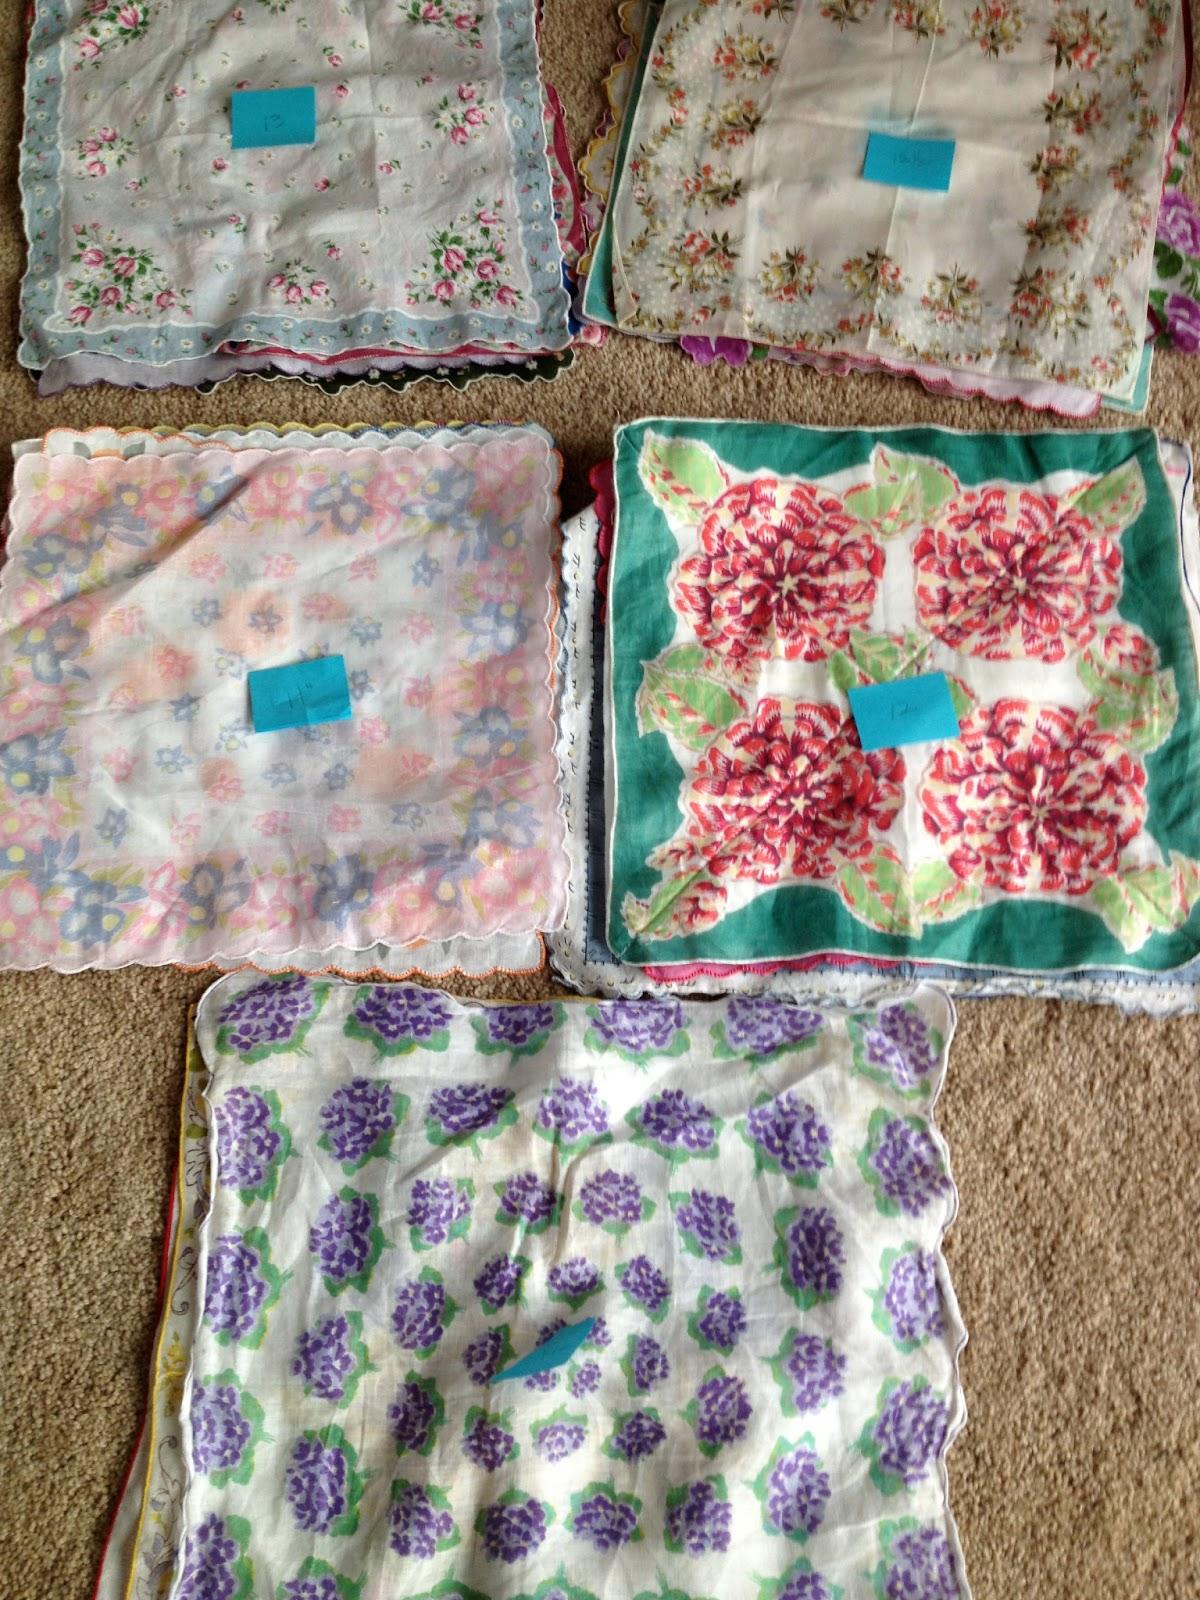 Zeedlebeez How To Make A Handkerchief Rag Quilt